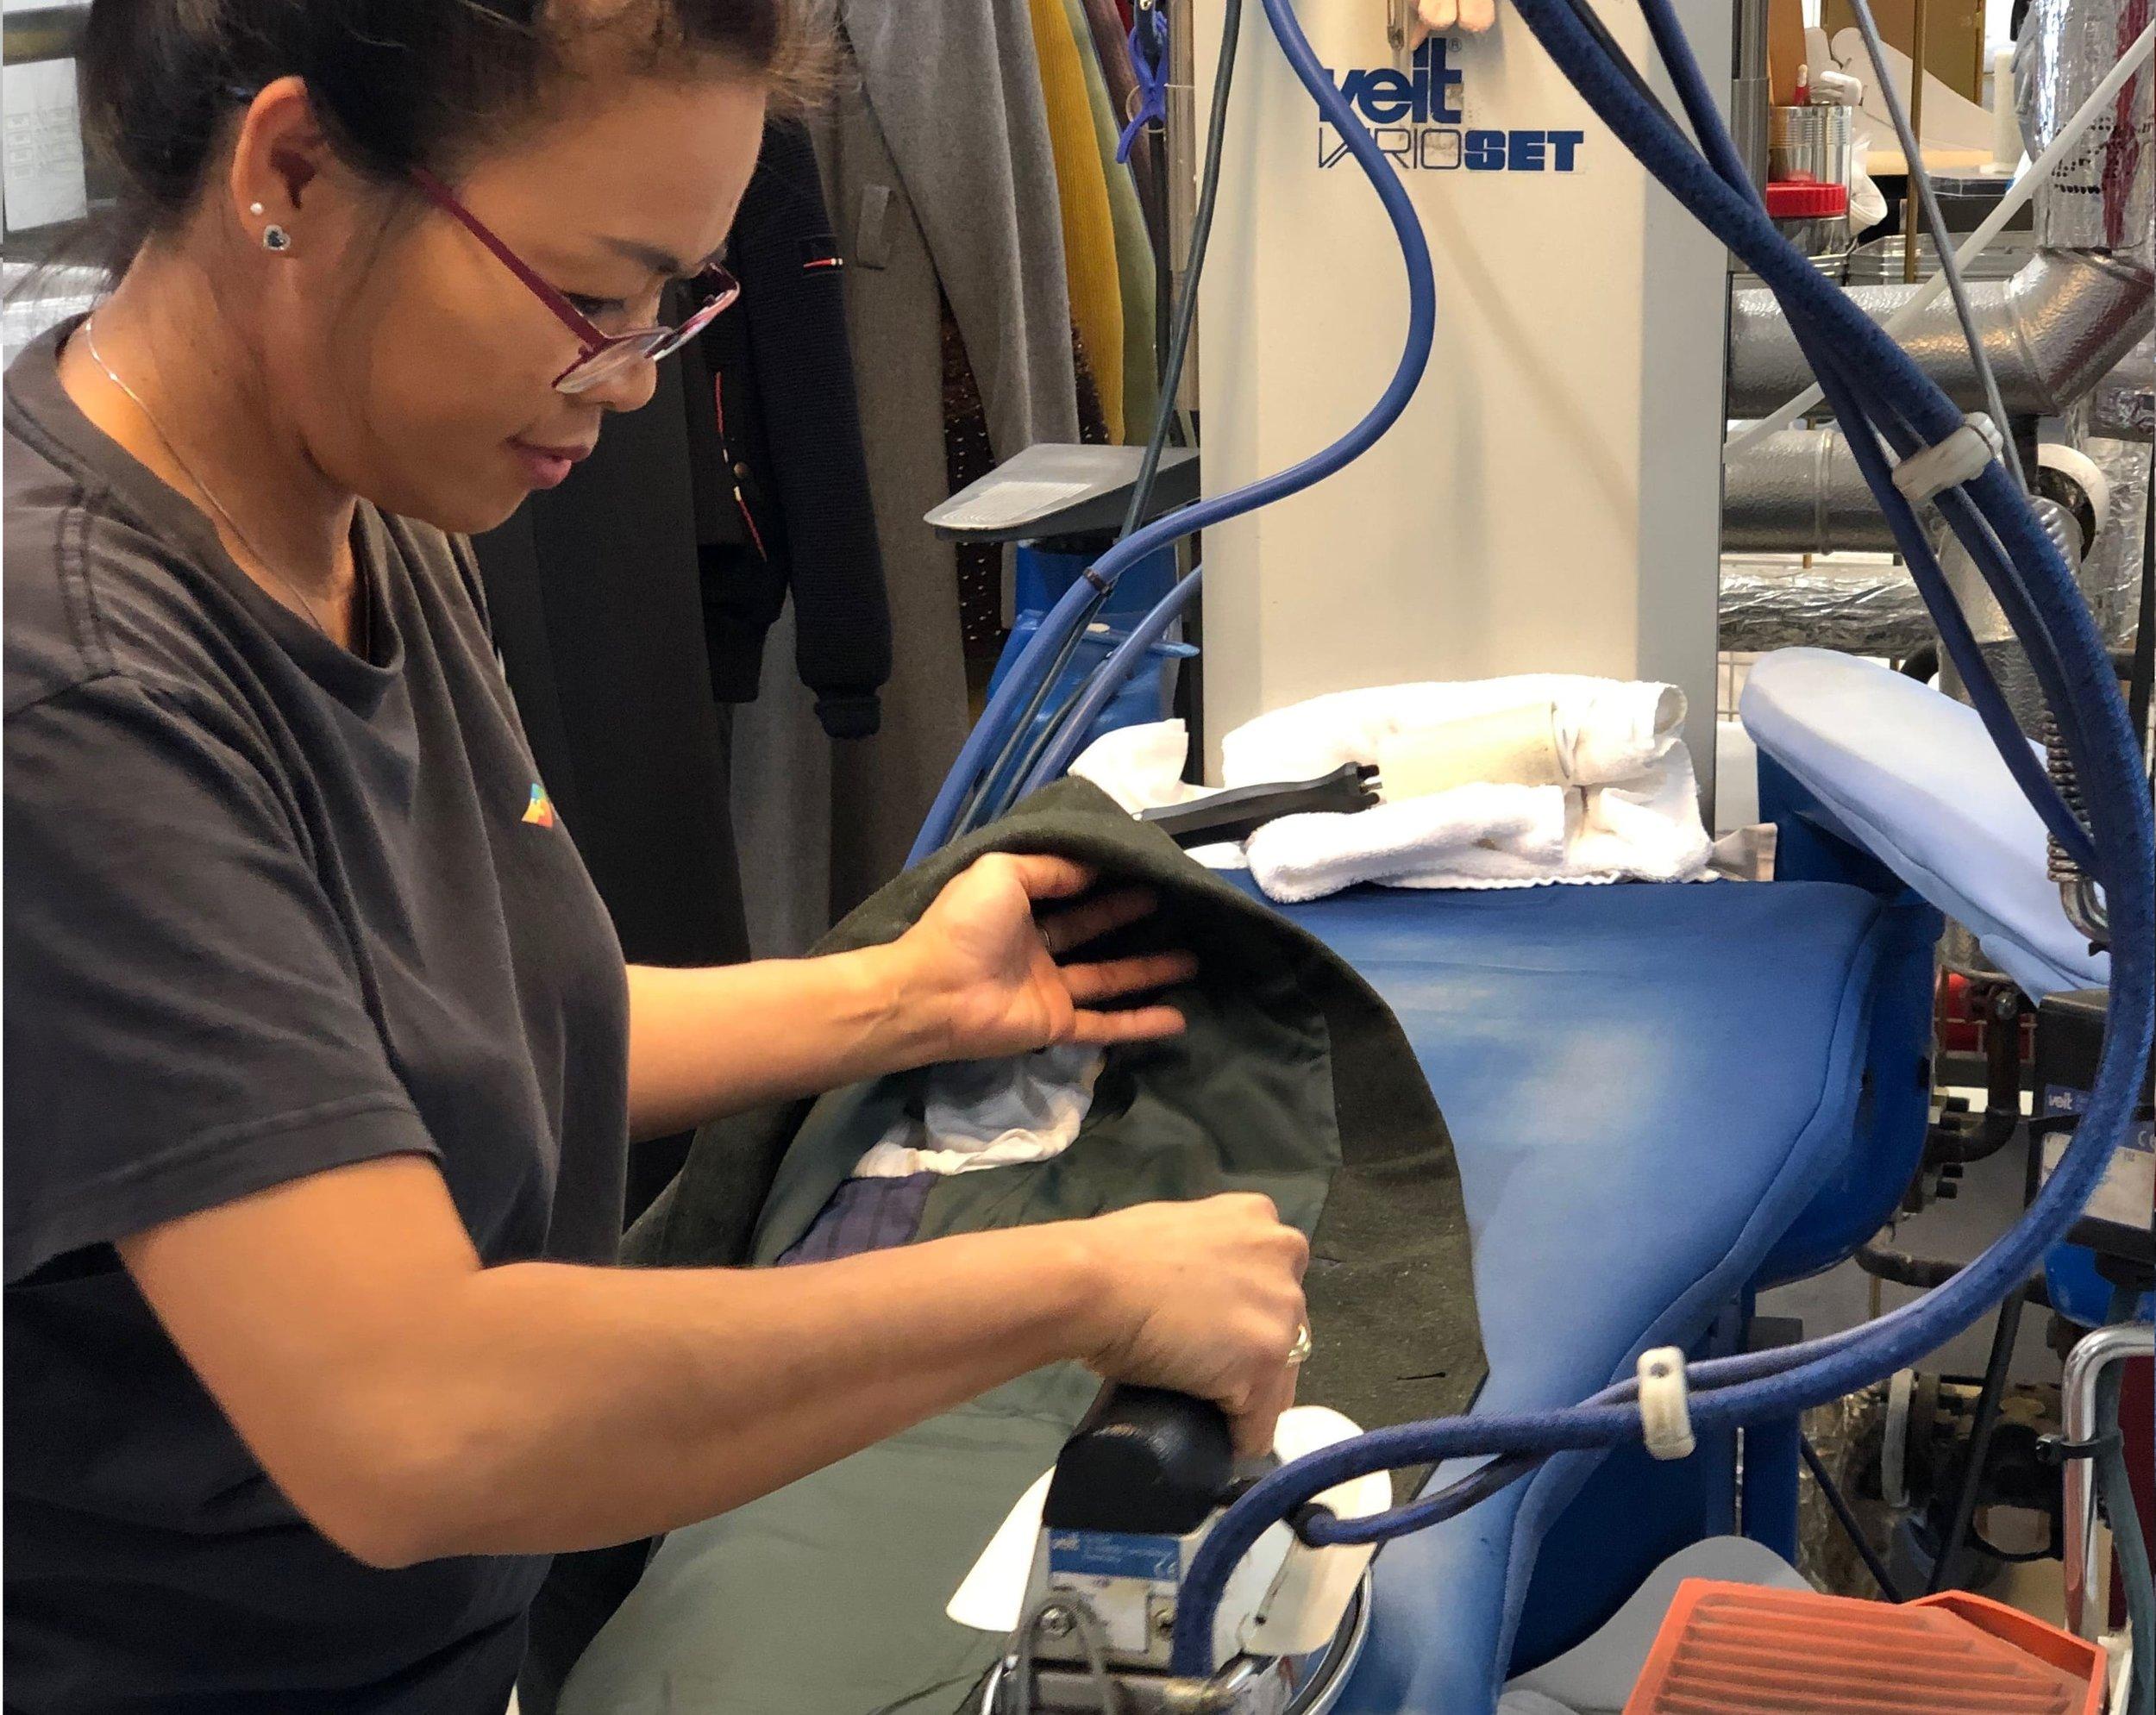 """""""Det viktigste vi gjør på renseriet er å sørge for at tøyet blir behandlet profesjonelt og at kundene blir fornøyd med resultatet"""" - - Mantana, Nor Tekstil avd. Florø"""